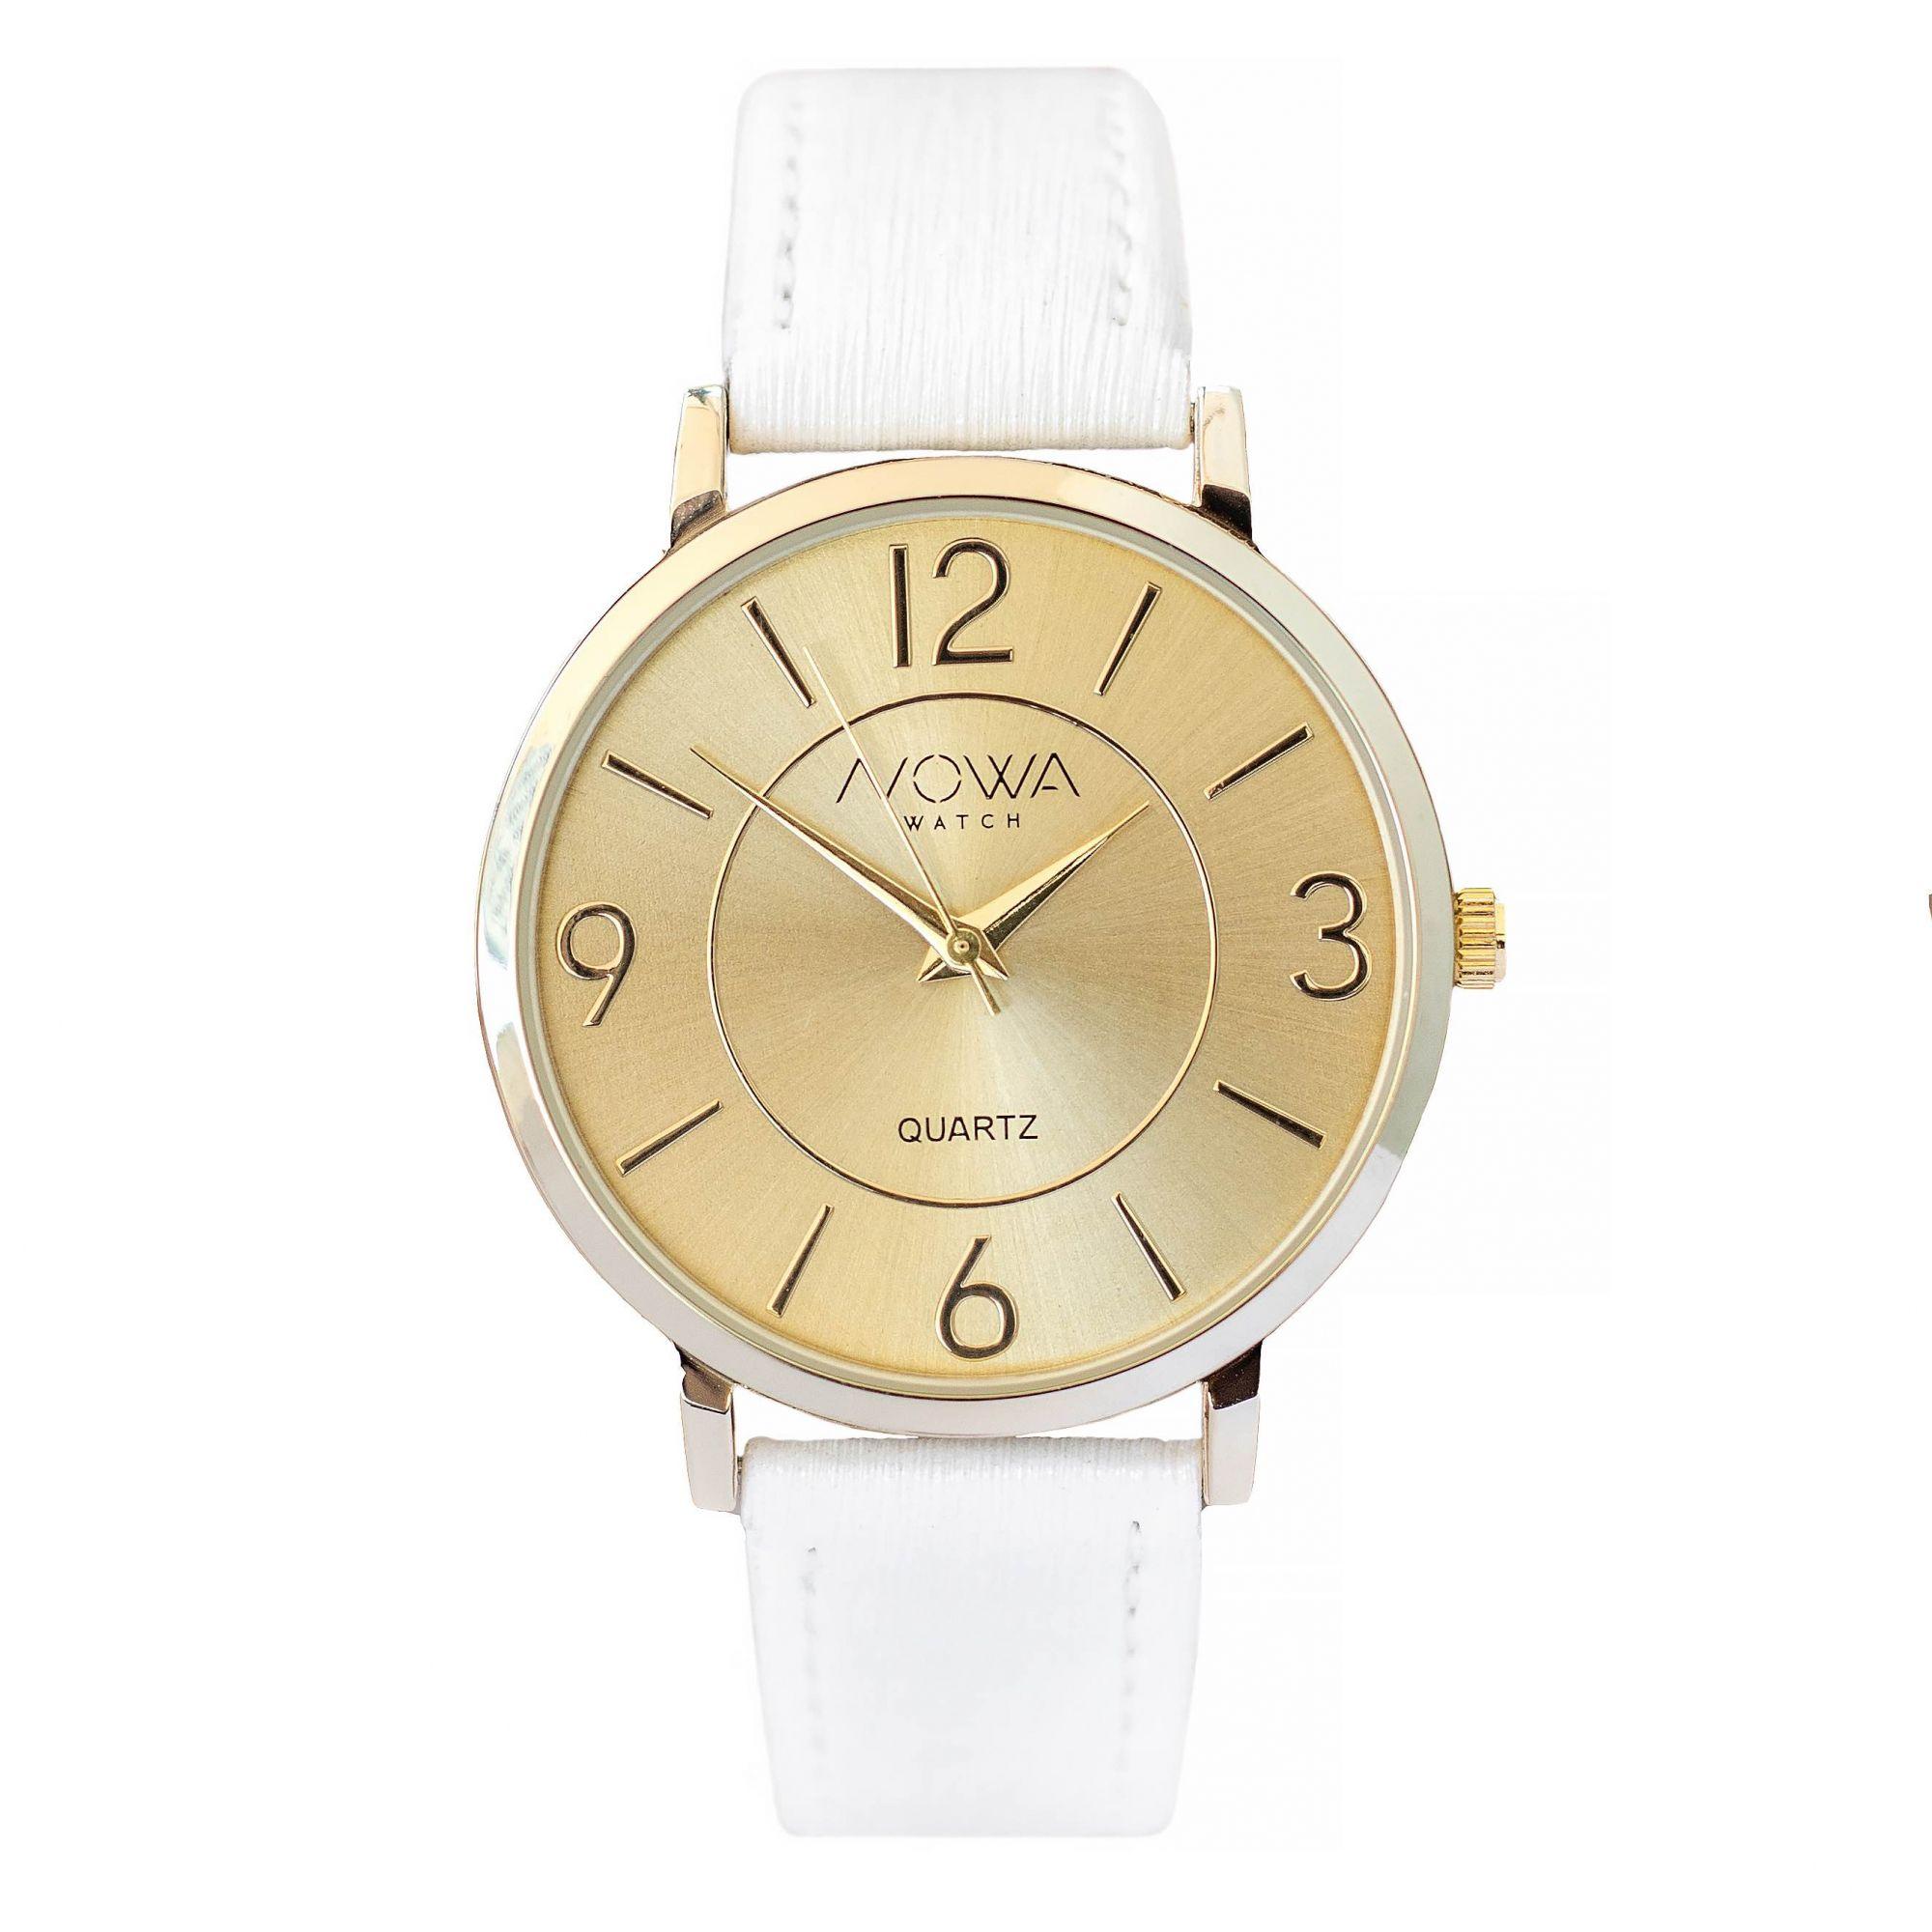 Relógio Nowa Feminino Dourado NW1411K Couro